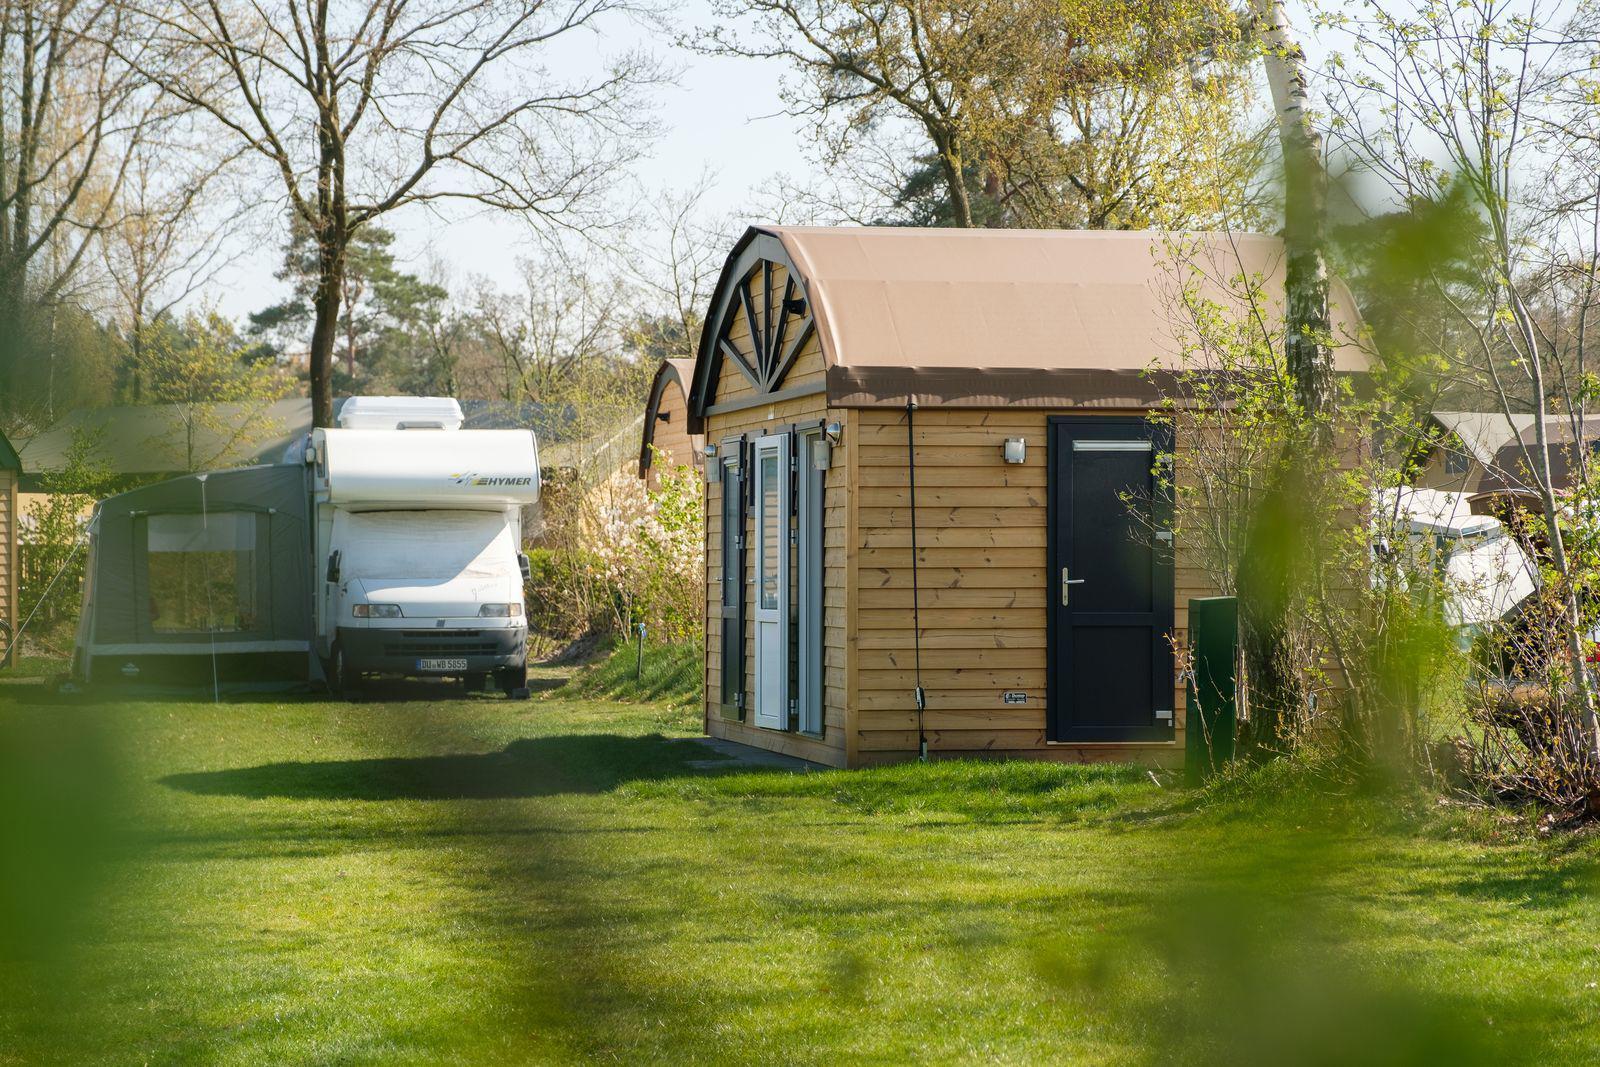 De Zandstuve Kampeerplaats met privé sanitair